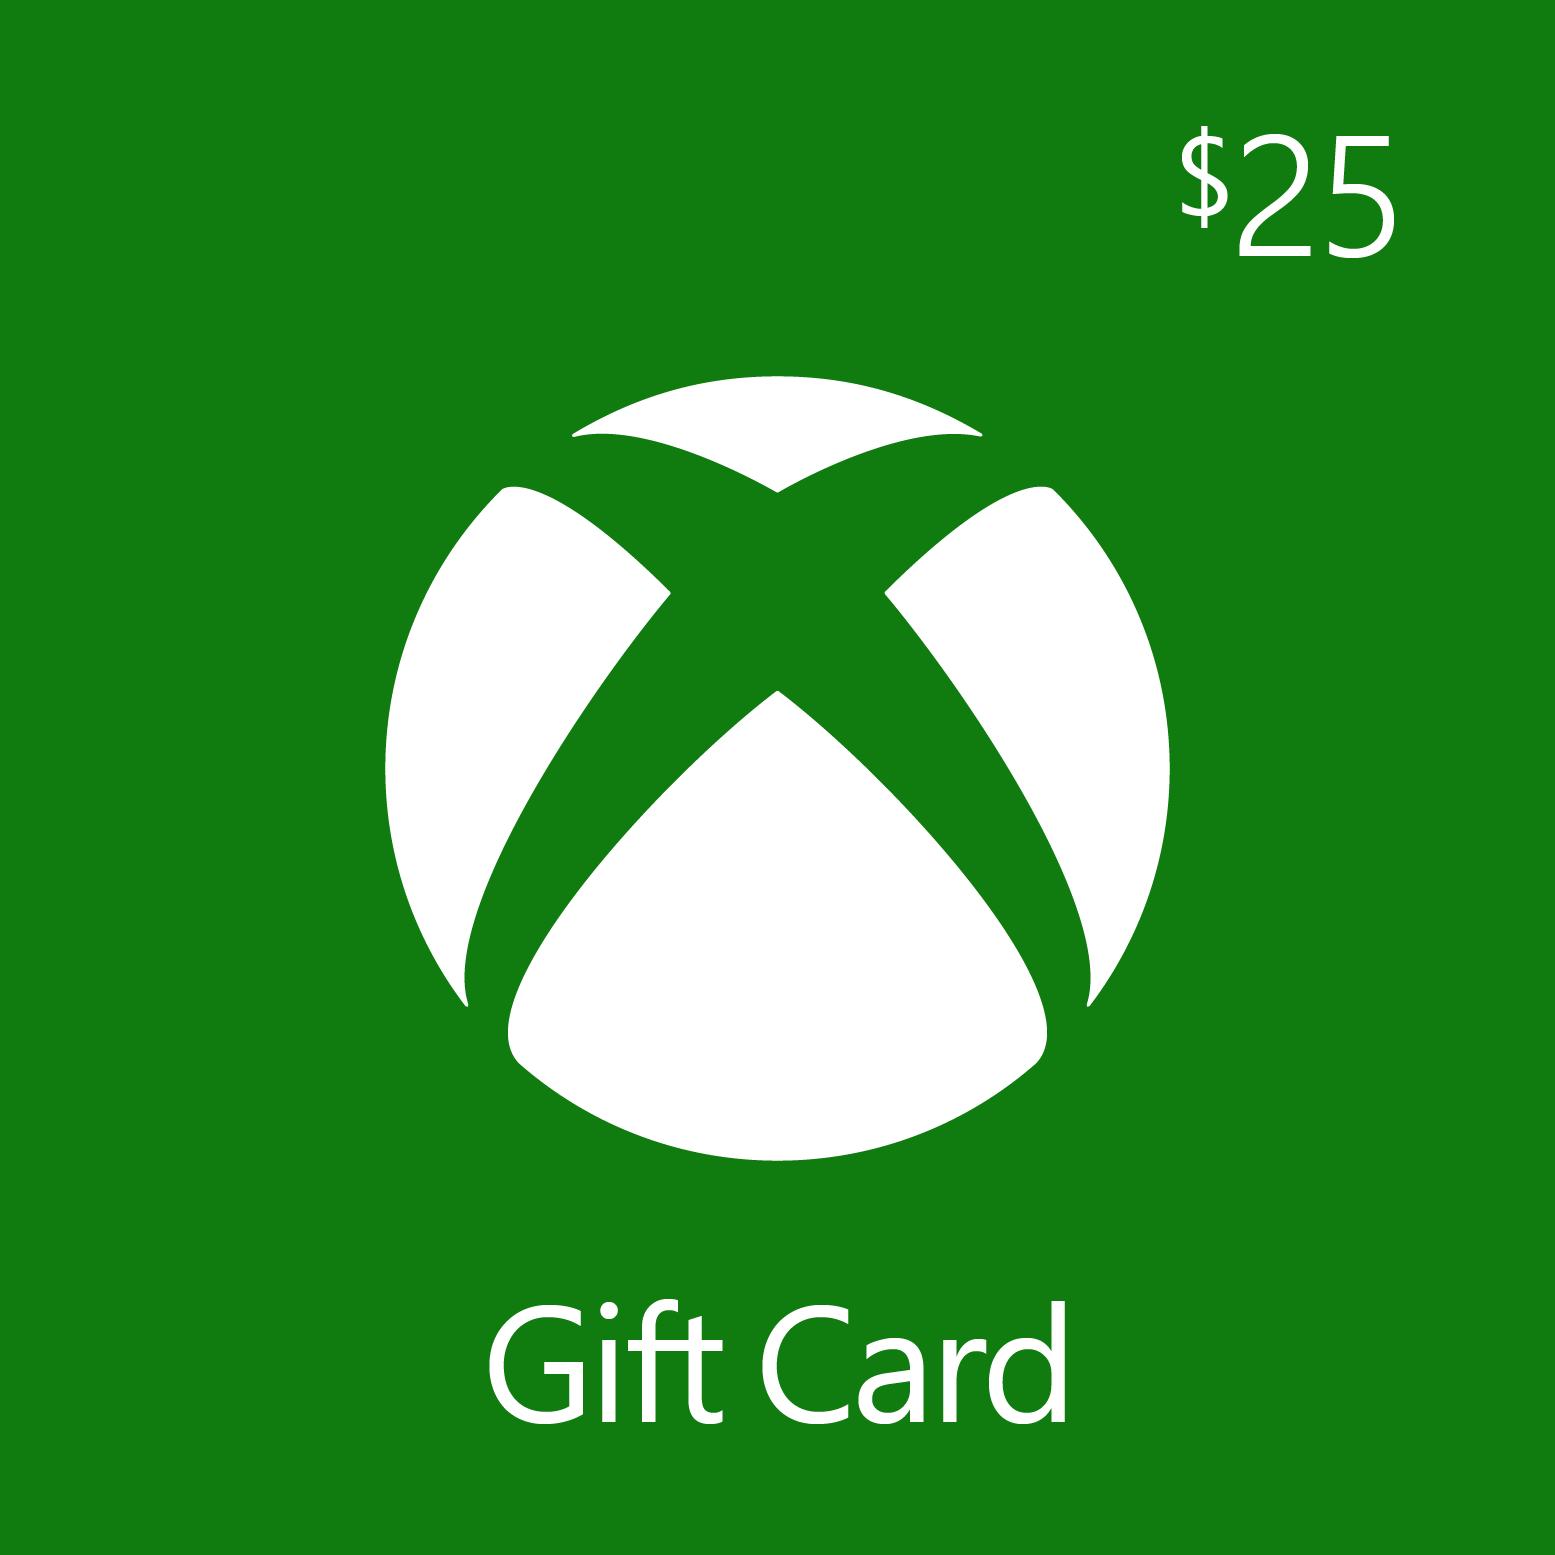 $25.00 Xbox Digital Gift Card